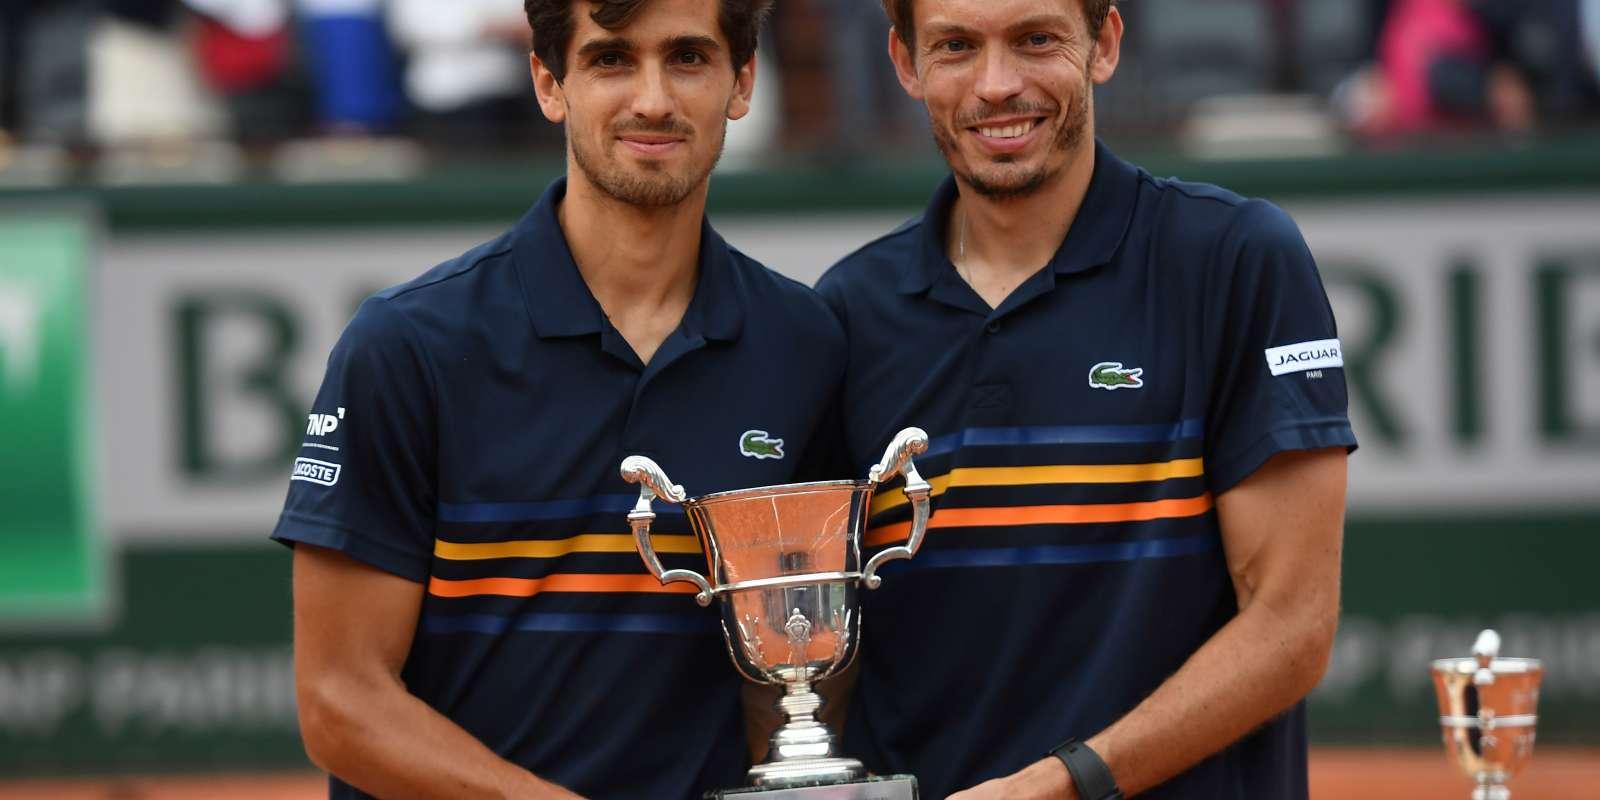 Pierre-Hugues Herbert et Nicolas Mahut ont remporté la finale en deux sets (6-2 7-6), samedi 6 juin.